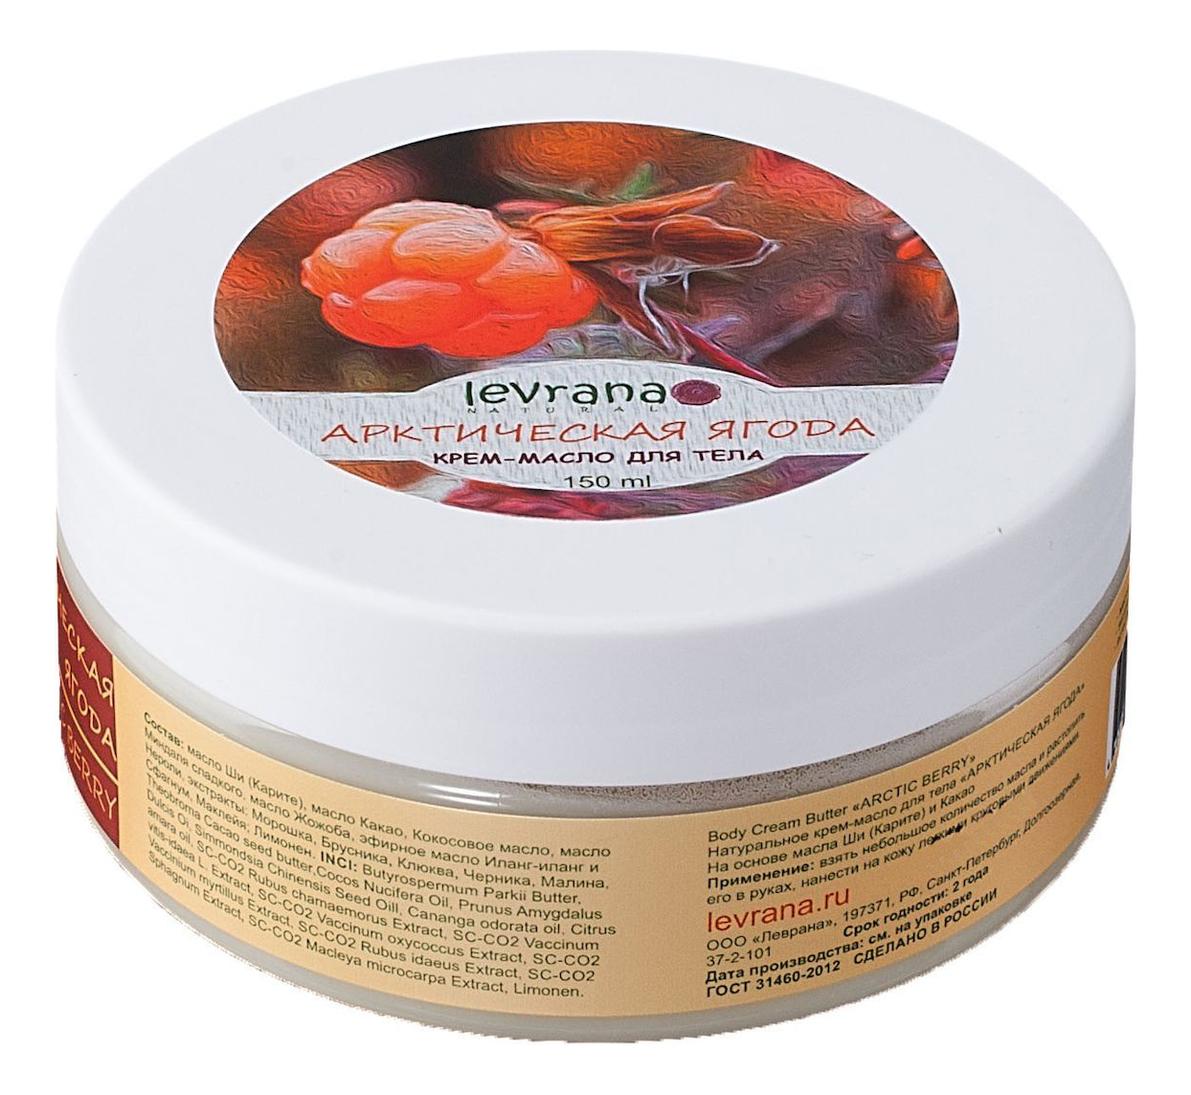 Купить Крем-масло для тела Арктическая ягода Arctic Berry Body Cream Butter 150мл, Levrana